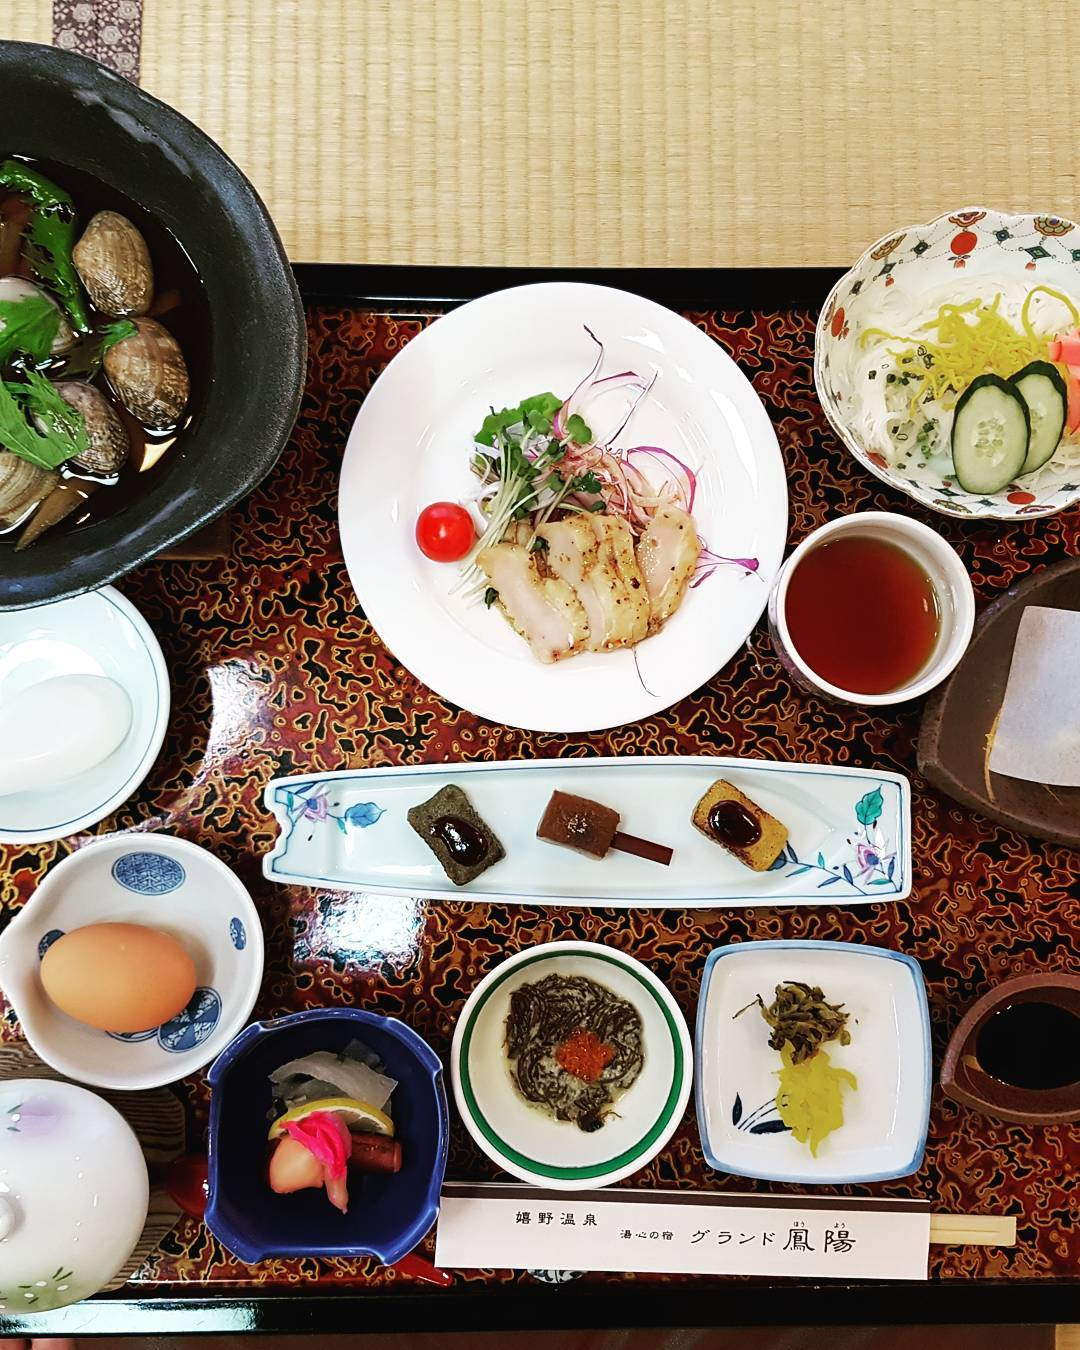 15803331 247844028972519 828099338533076992 n 일본여행 큐슈 온천에서 카이세키 요리